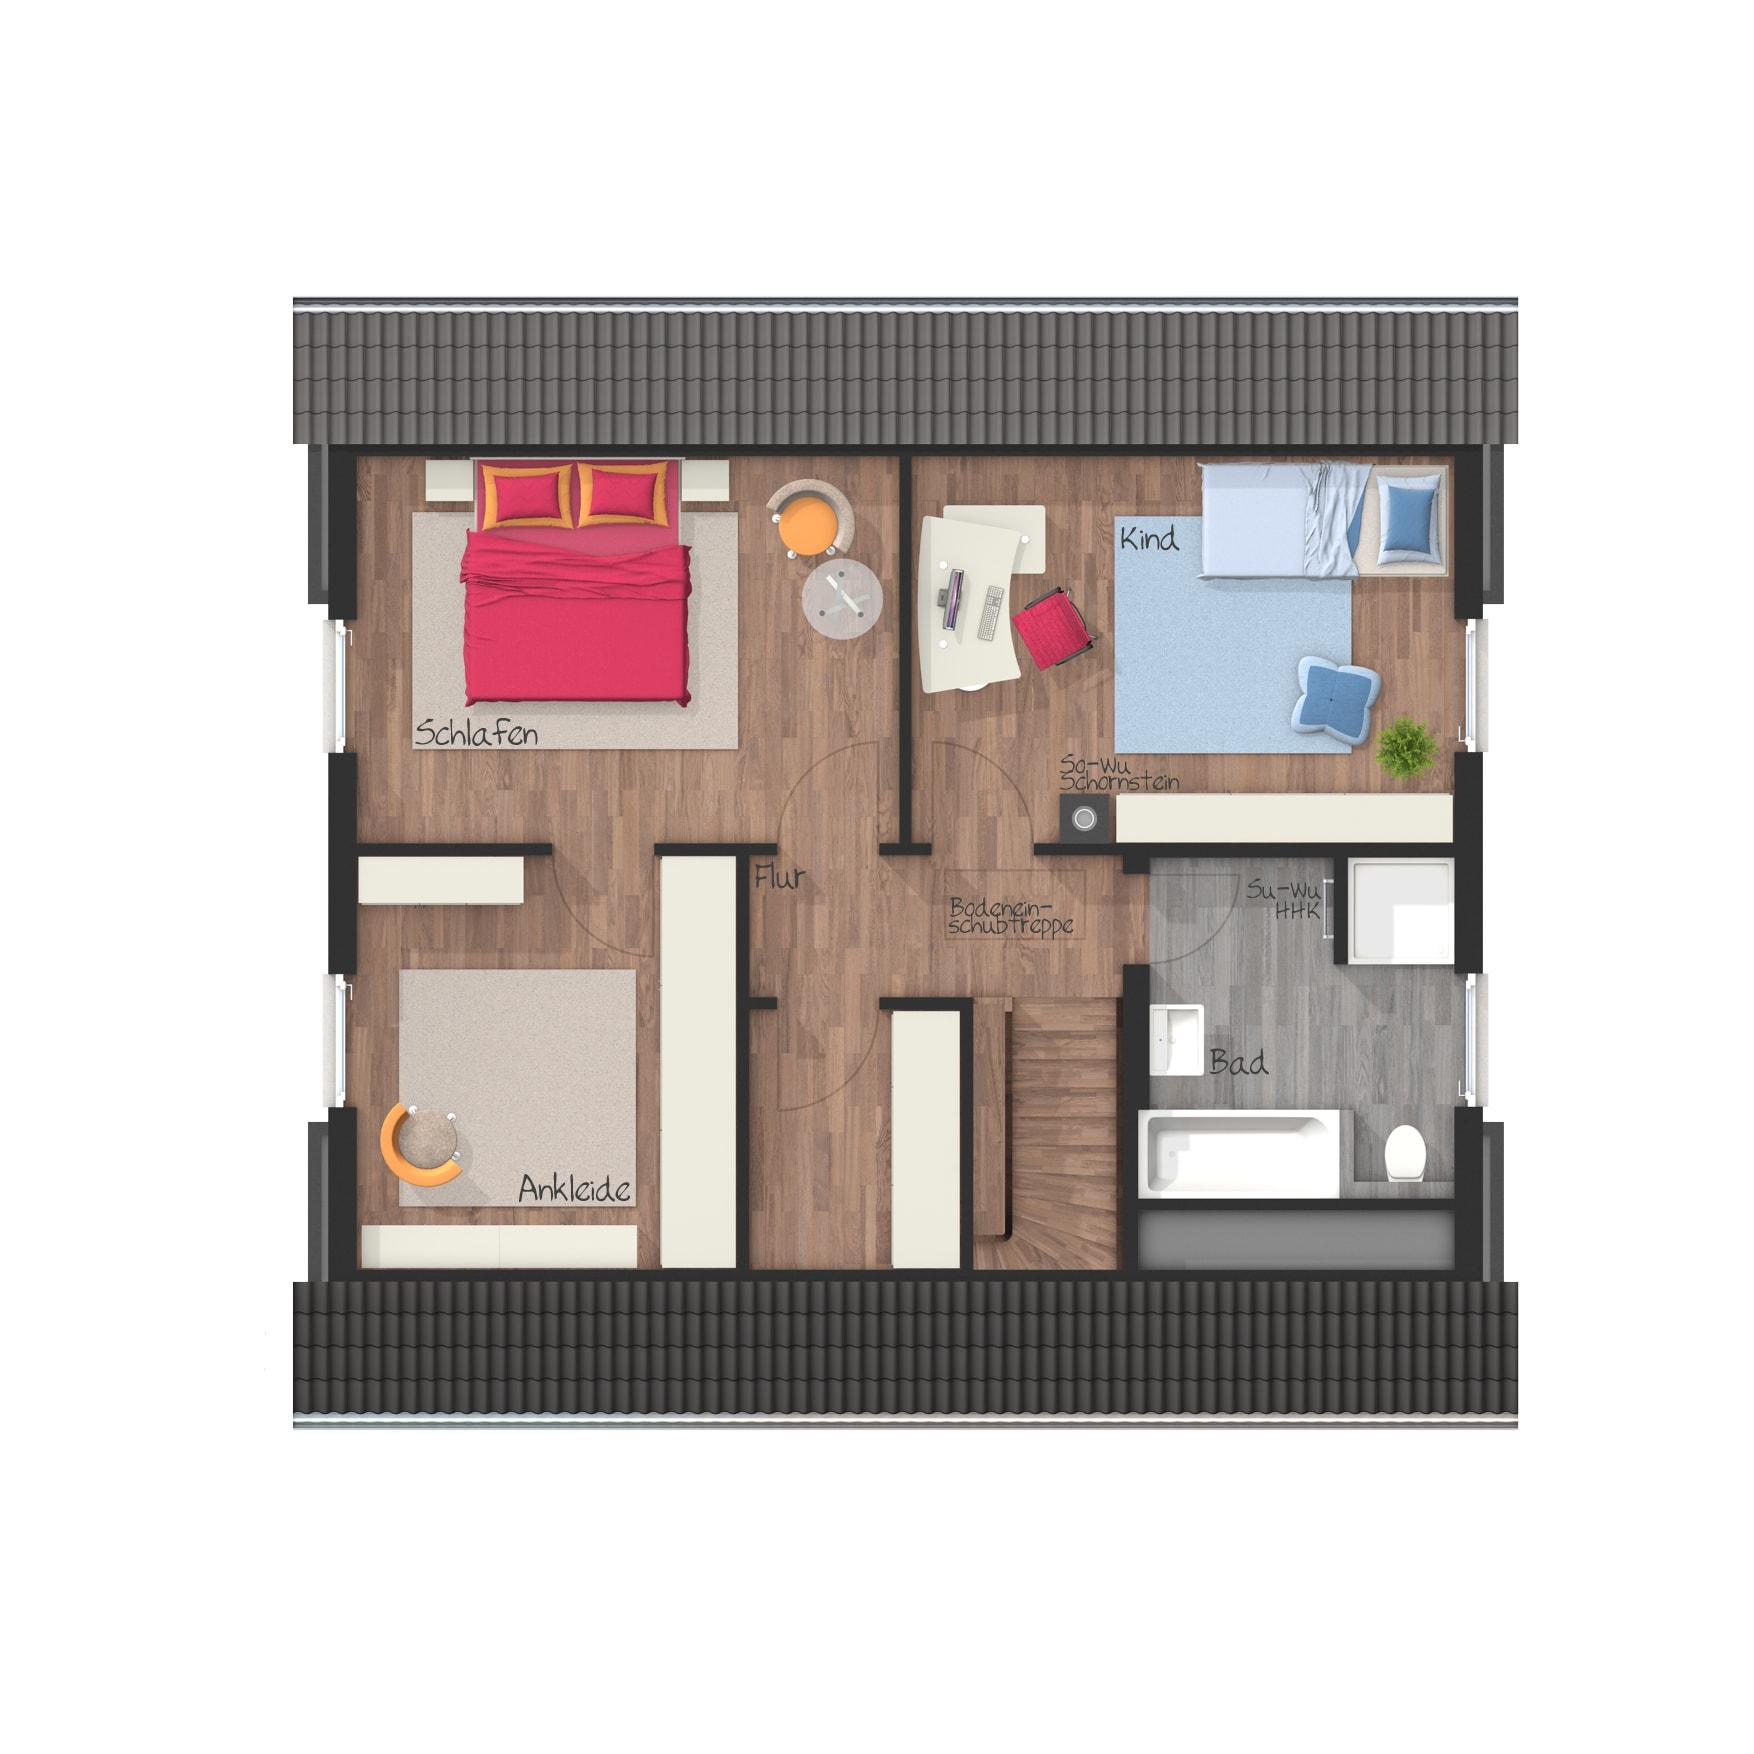 Grundriss Einfamilienhaus Obergeschoss mit Satteldach, 4 Zimmer, 120 qm - Massivhaus schlüsselfertig bauen Ideen Town Country Haus Flair 130 Klinker - HausbauDirekt.de